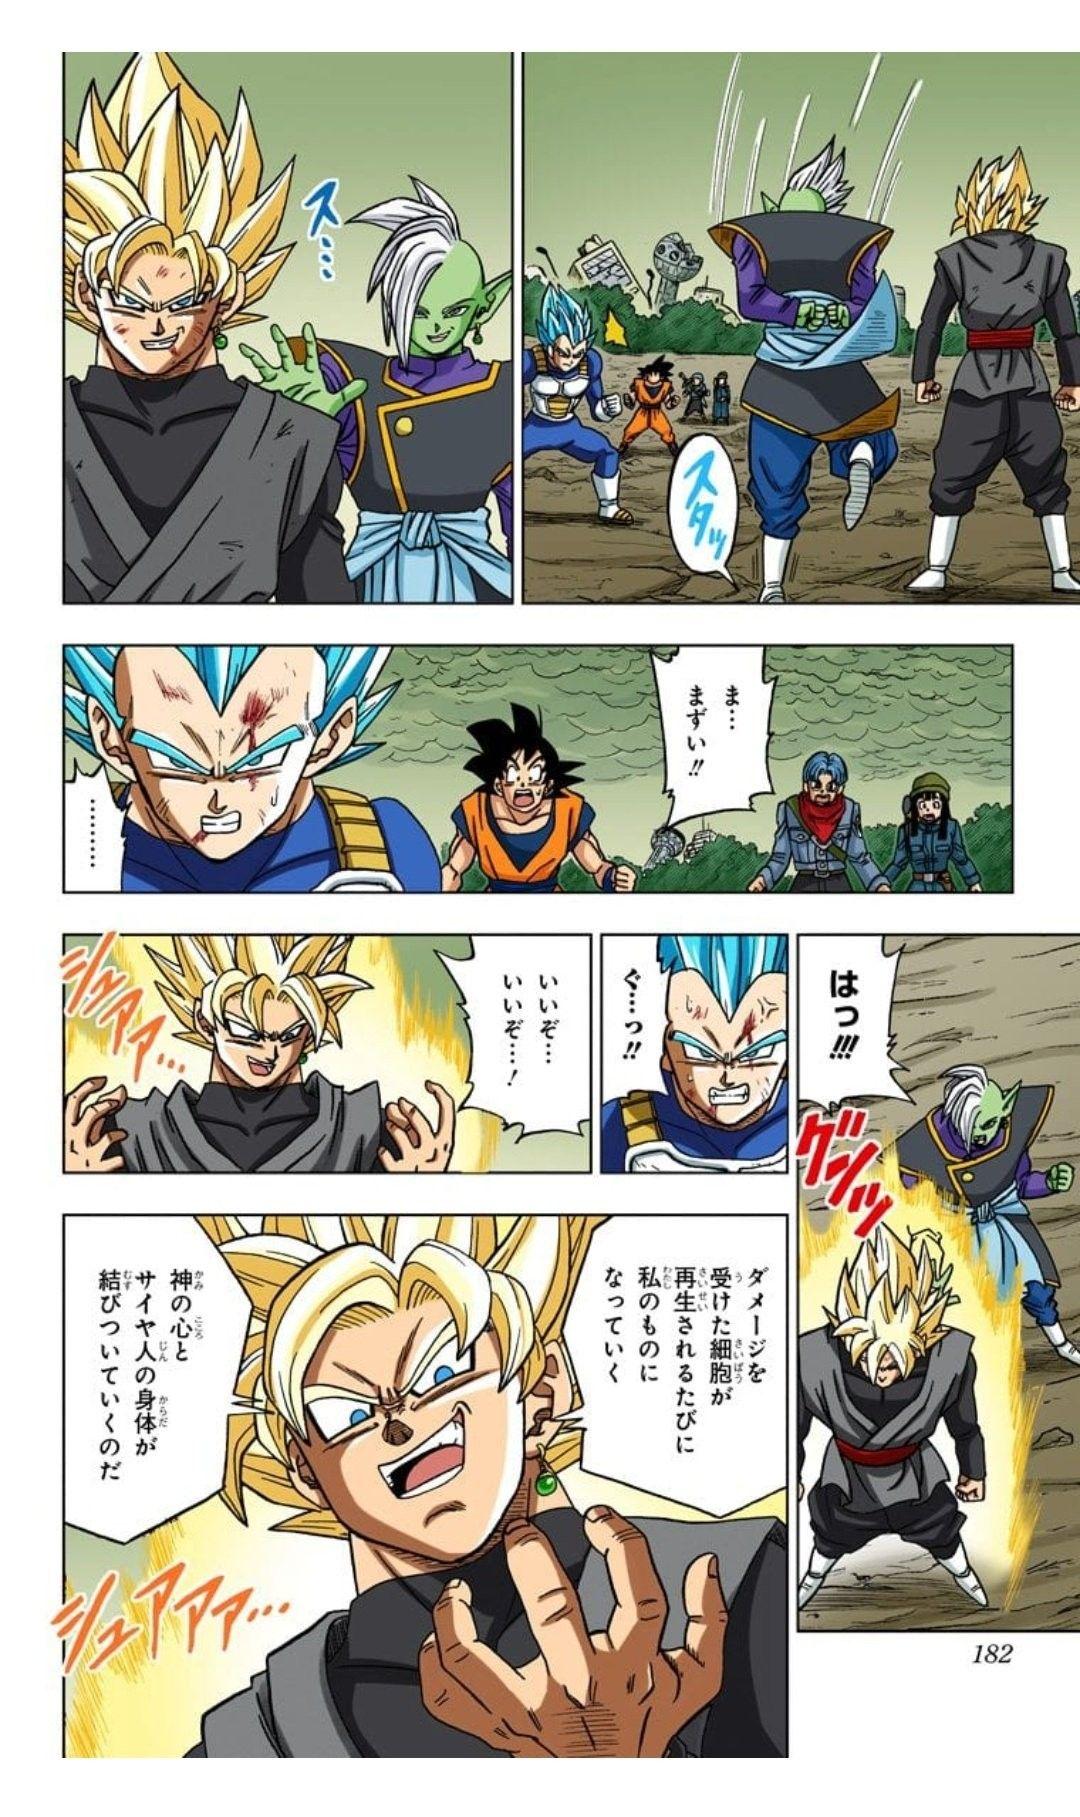 Dbs Manga Anime Dragon Ball Super Dragon Ball Super Manga Anime Dragon Ball